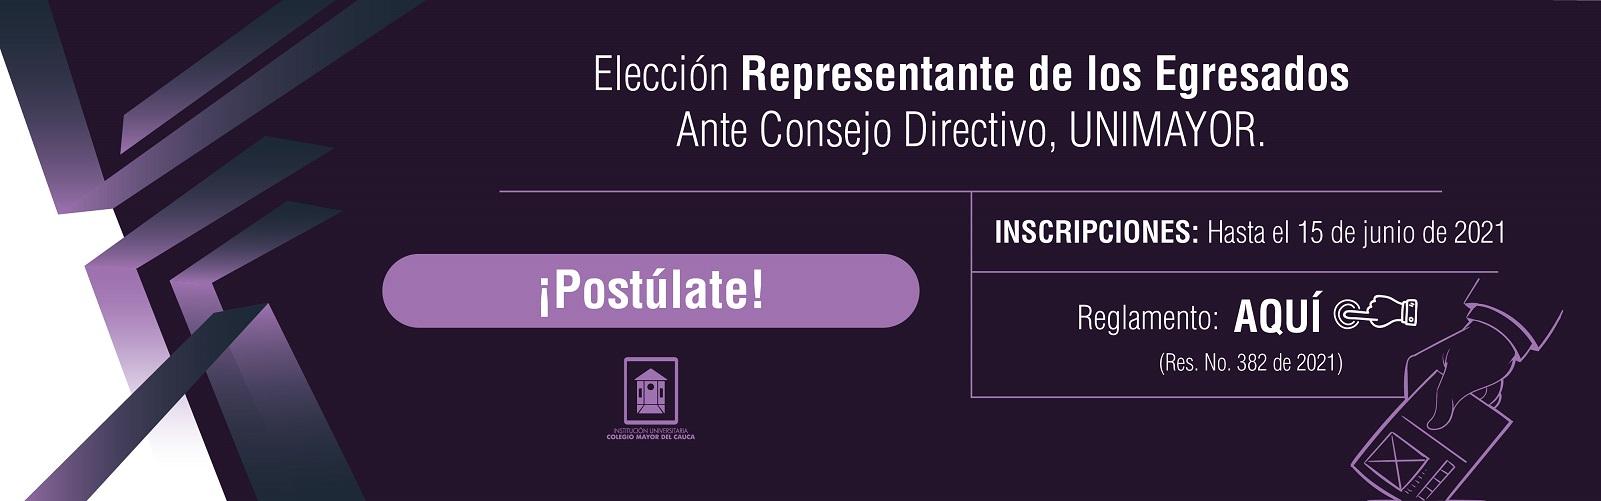 01_Banner_Elecc_Rep_Egresados